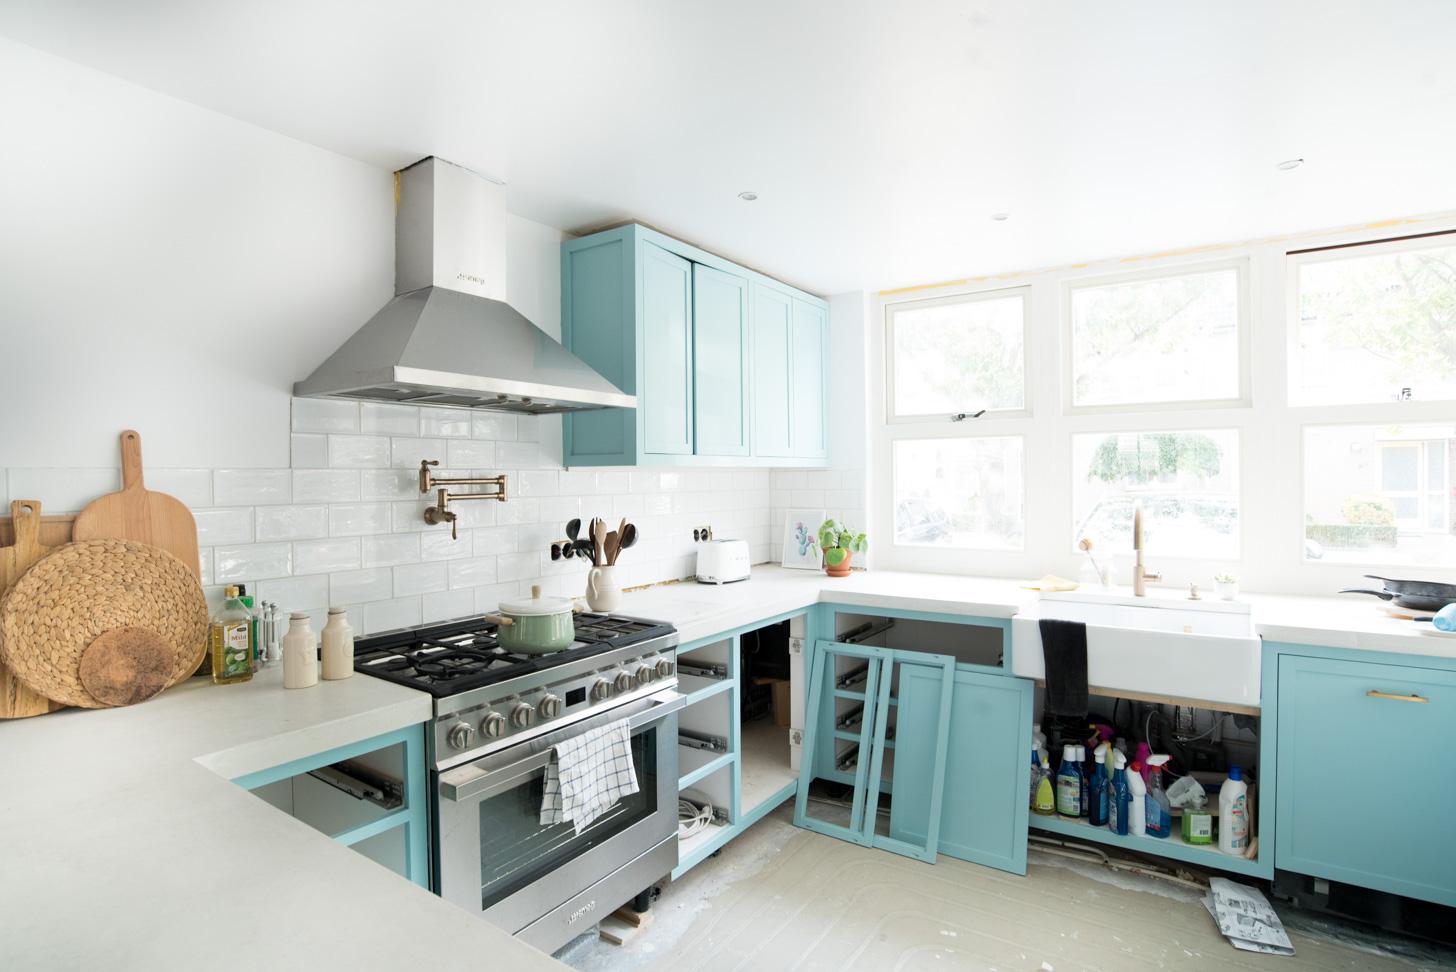 Witte Keuken Schilderen : Hoe verf je je keuken blauw a cup of life